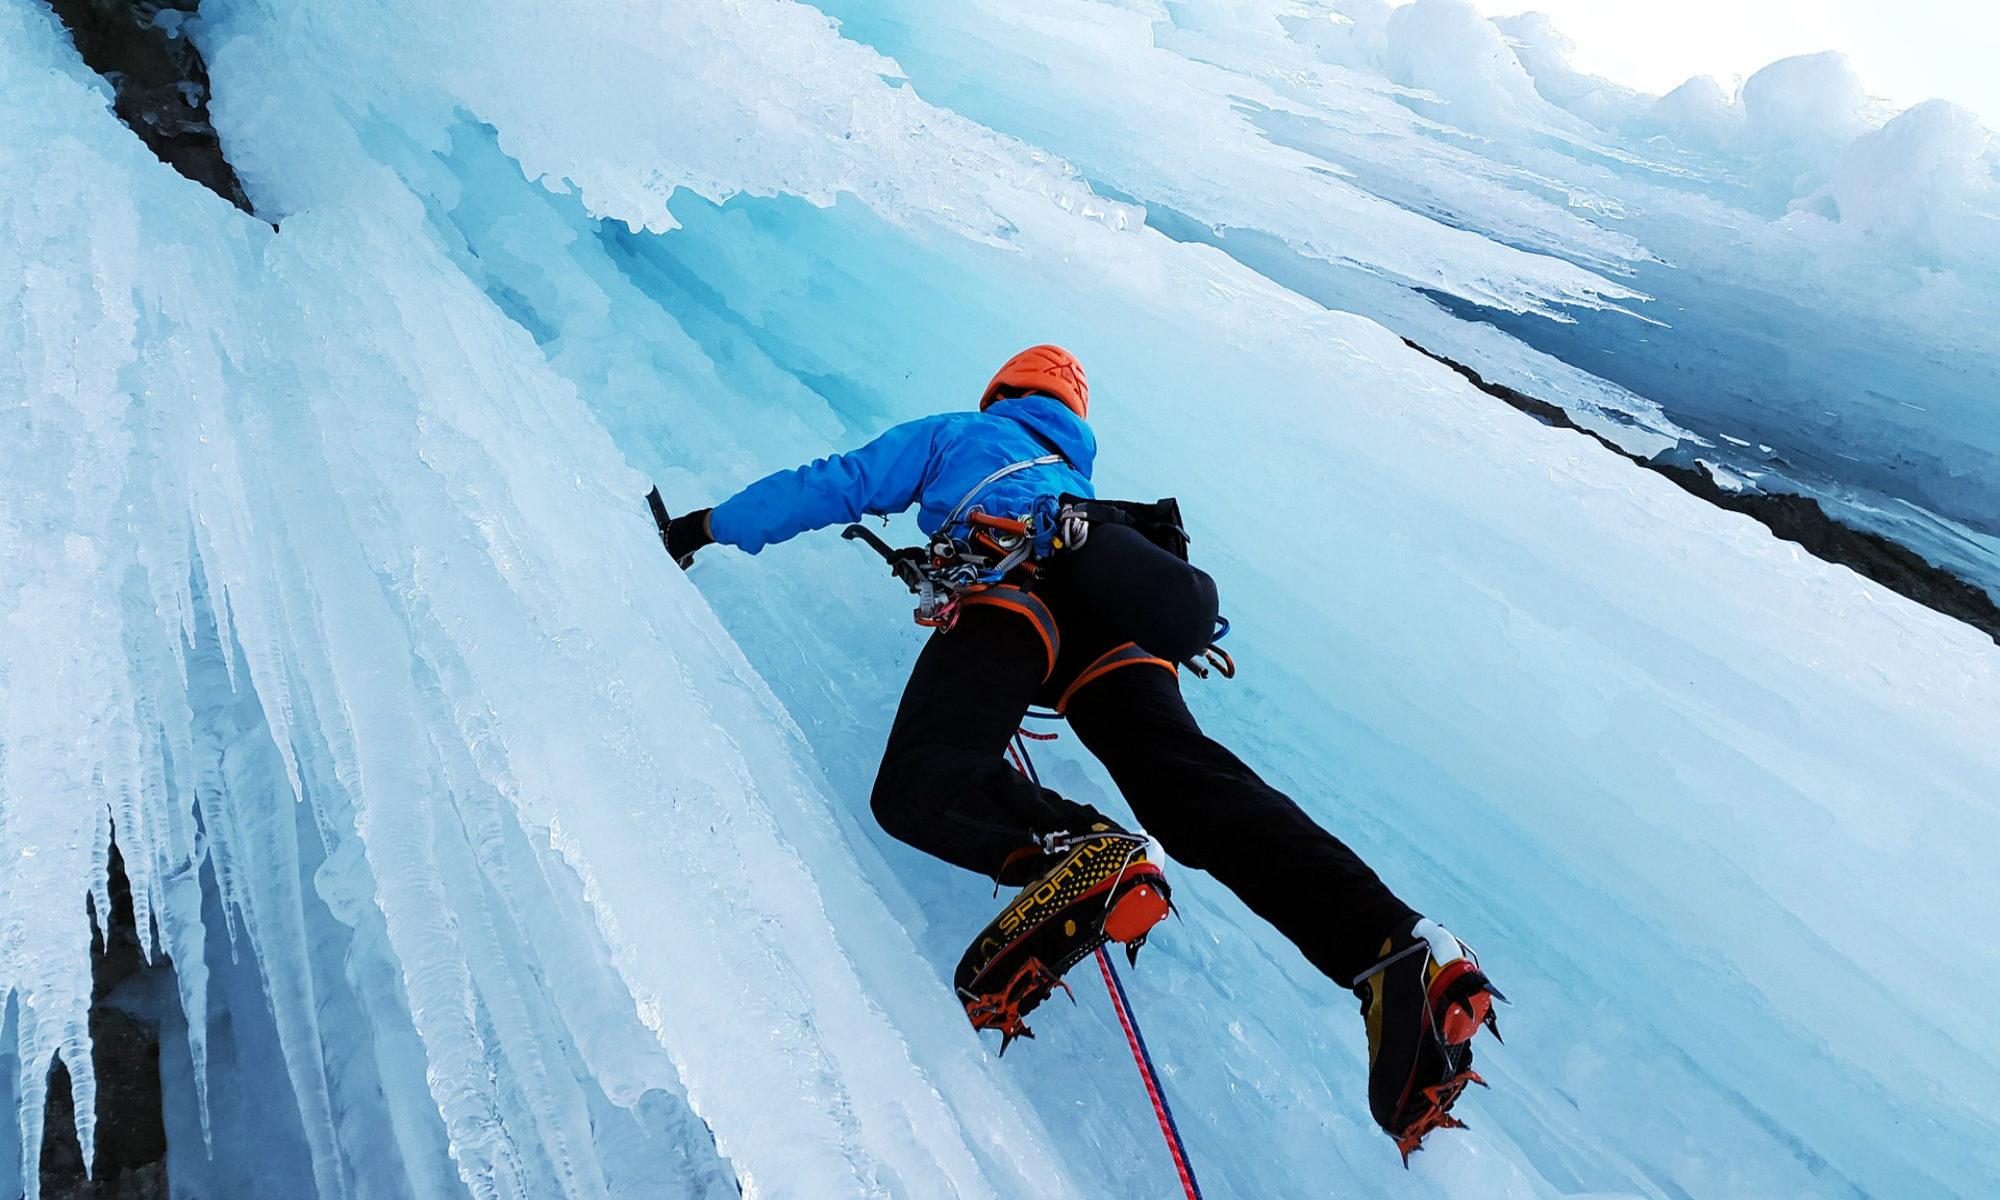 Een ijsklimmer beklimt een bevroren waterval.